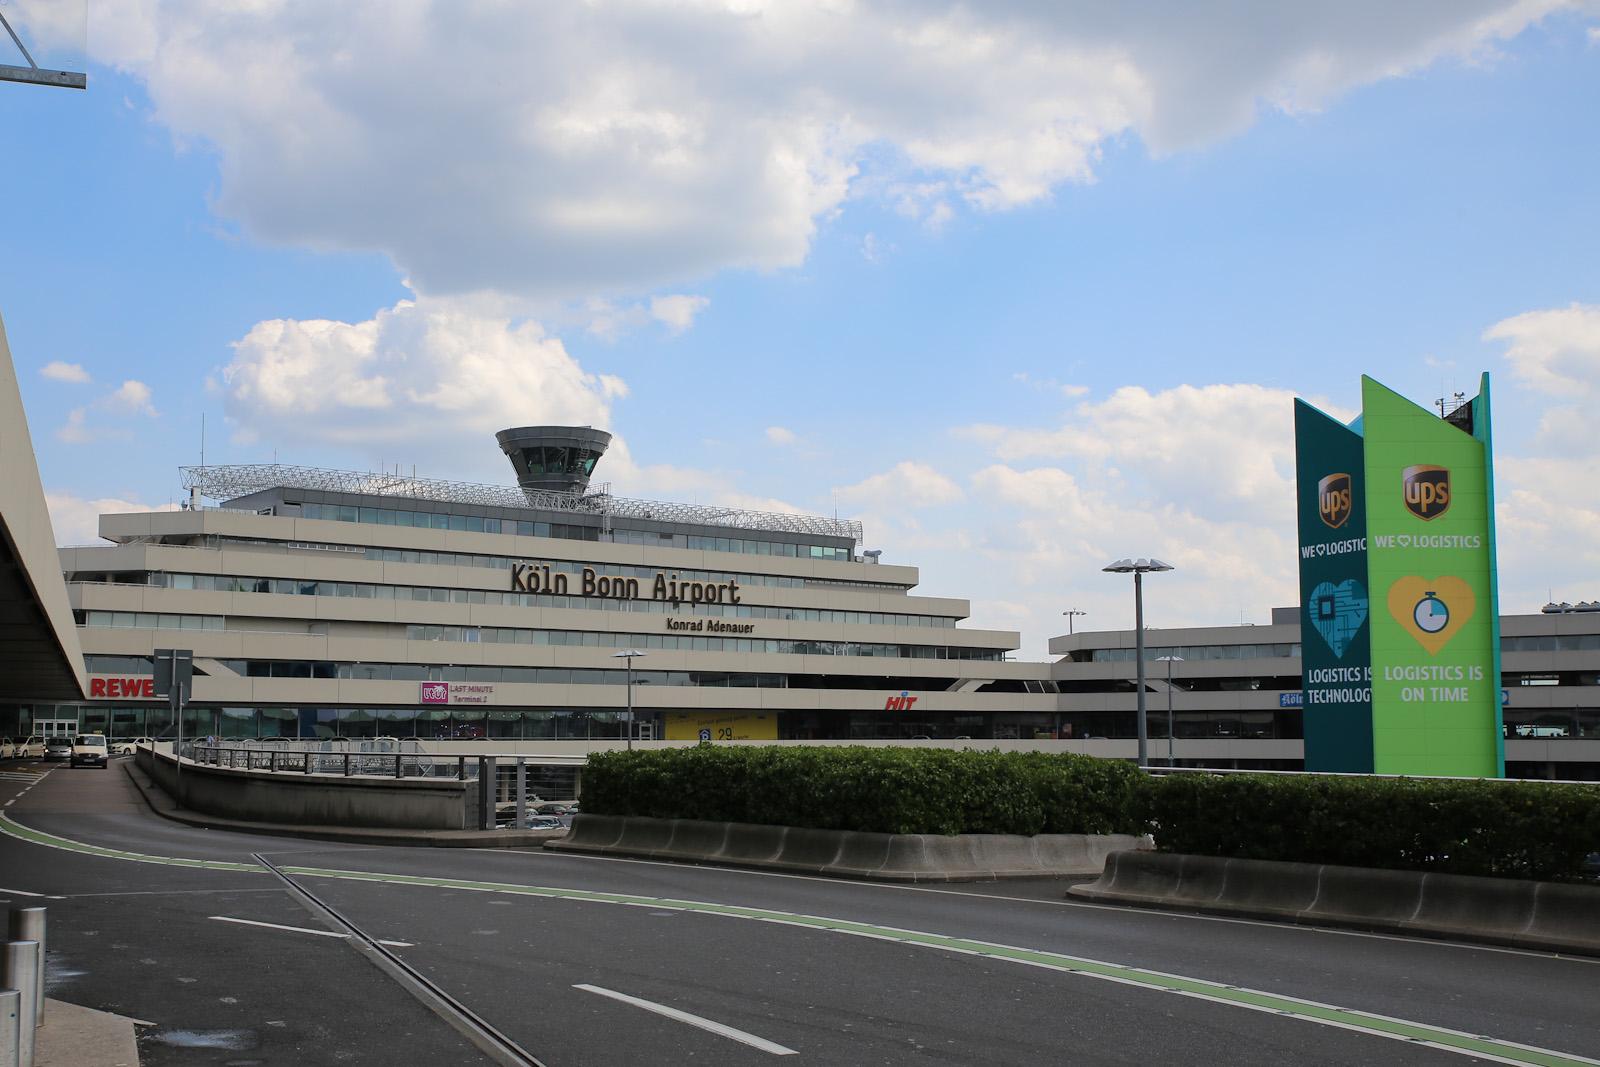 Терминала 1 аэропорта Кёльн/Бонн